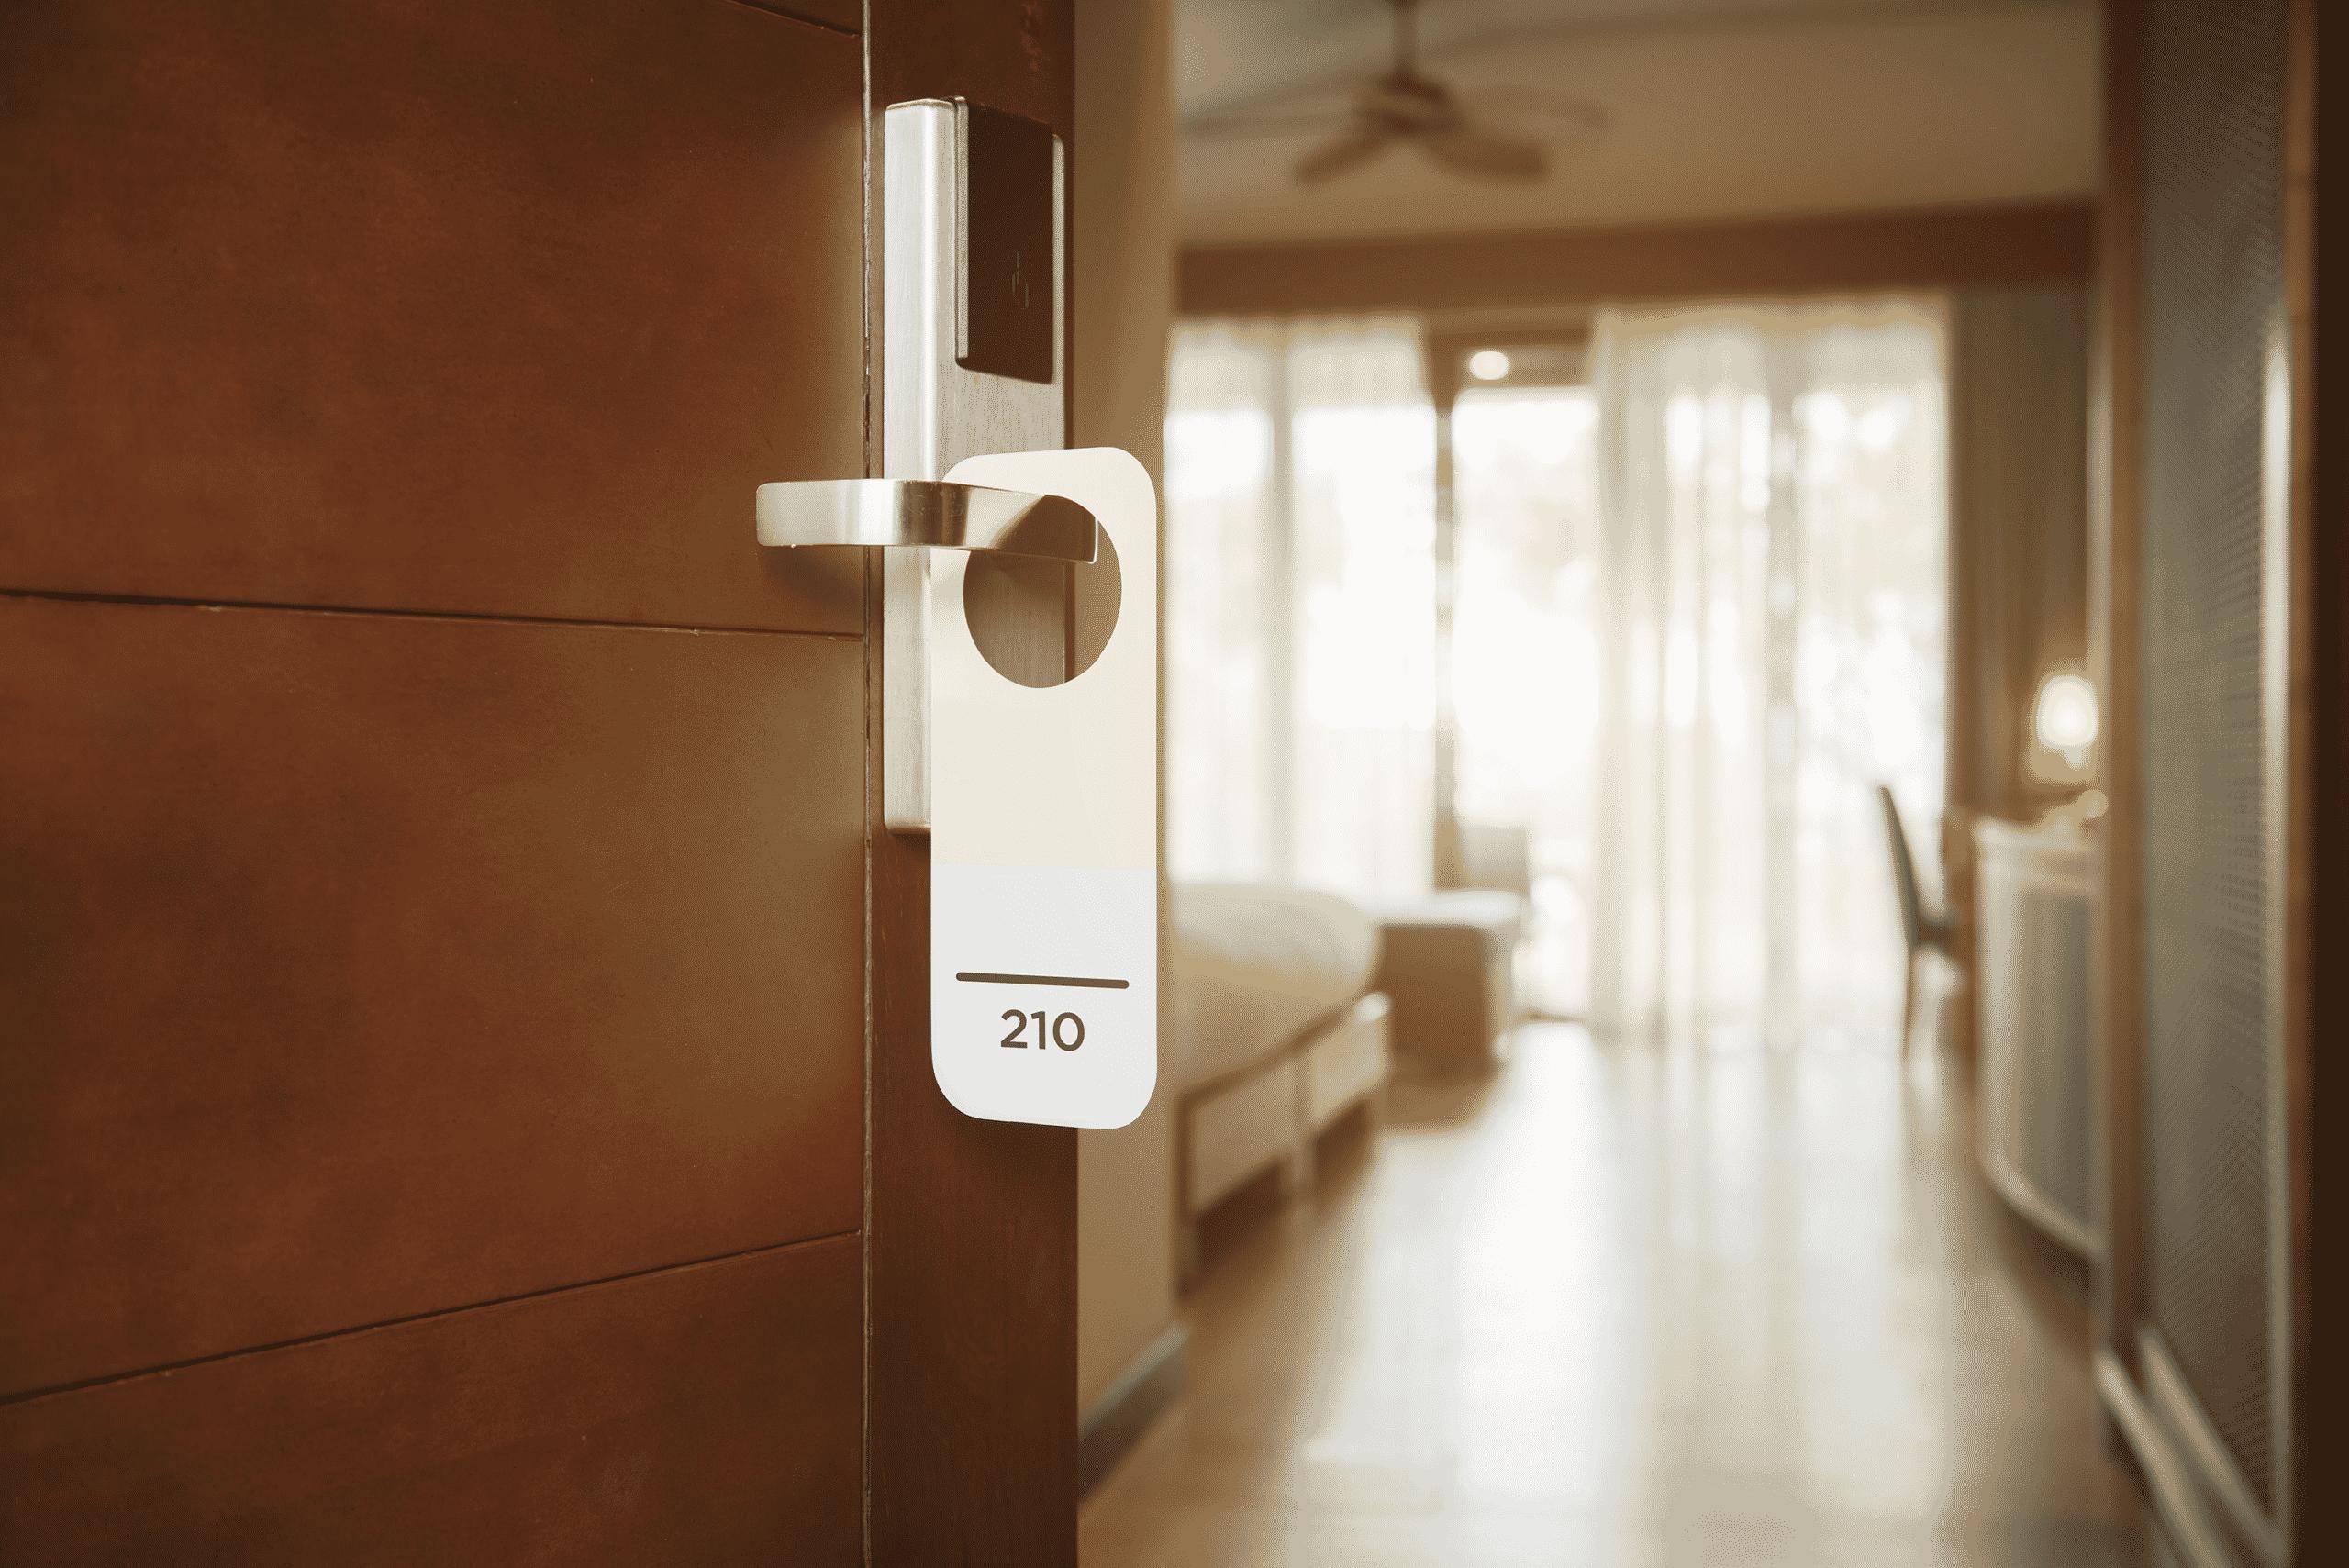 Vue sur l'entrée d'une chambre d'hôtel et son numéro de chambre.